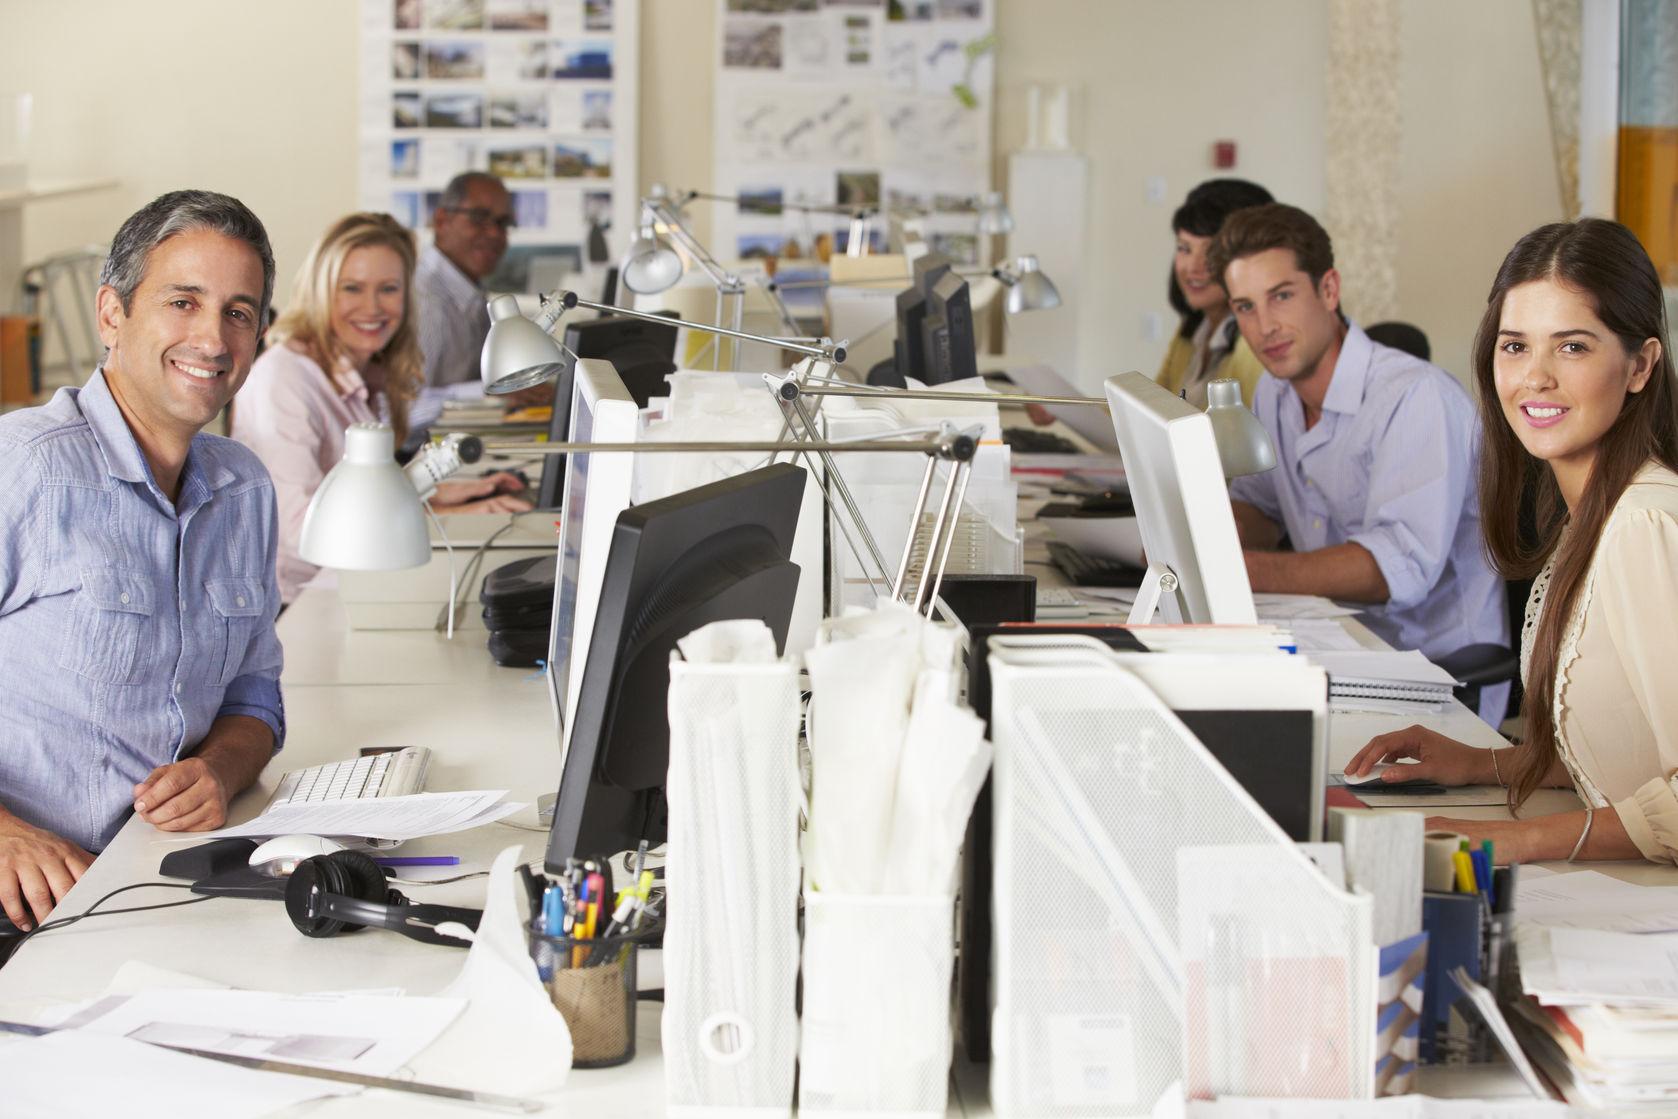 trabajar en oficina